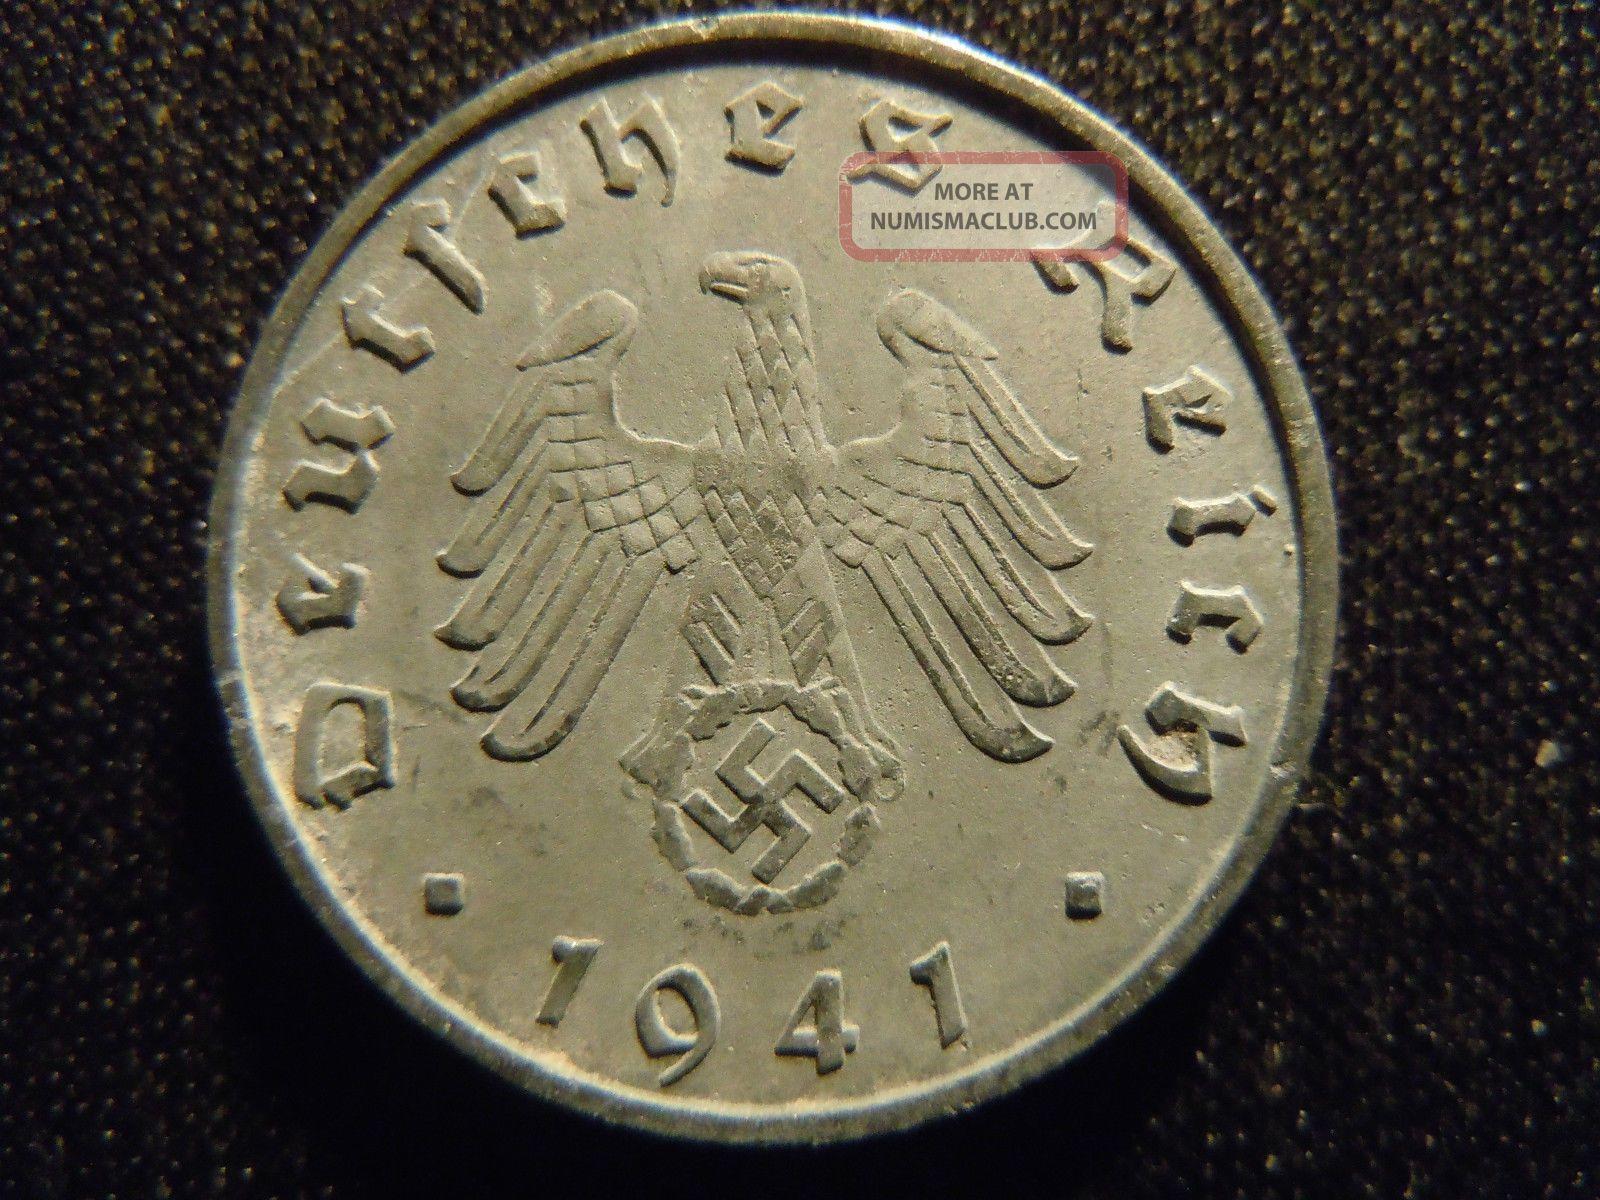 1941 B German Ww2 10 Reichspfennig Germany Nazi Coin Swastika World Ab